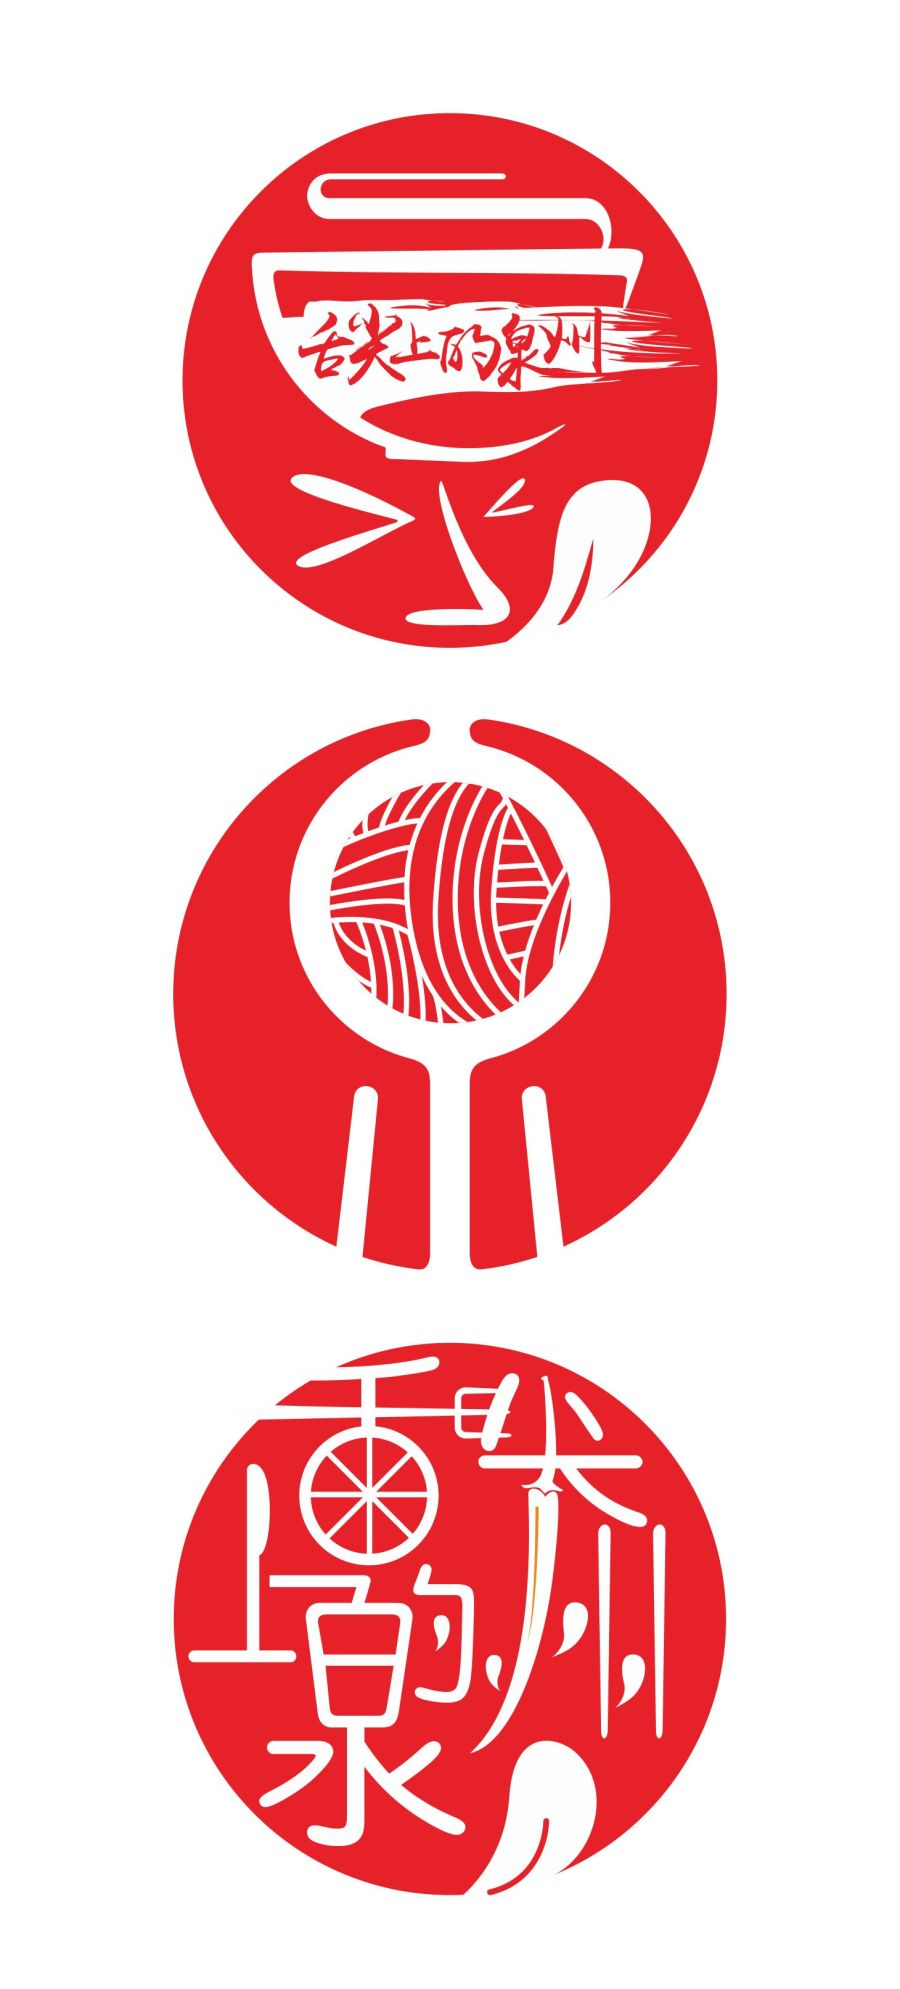 标志|平面|ankeme-原创设计作品-站酷(40多平米小户型设计图图片